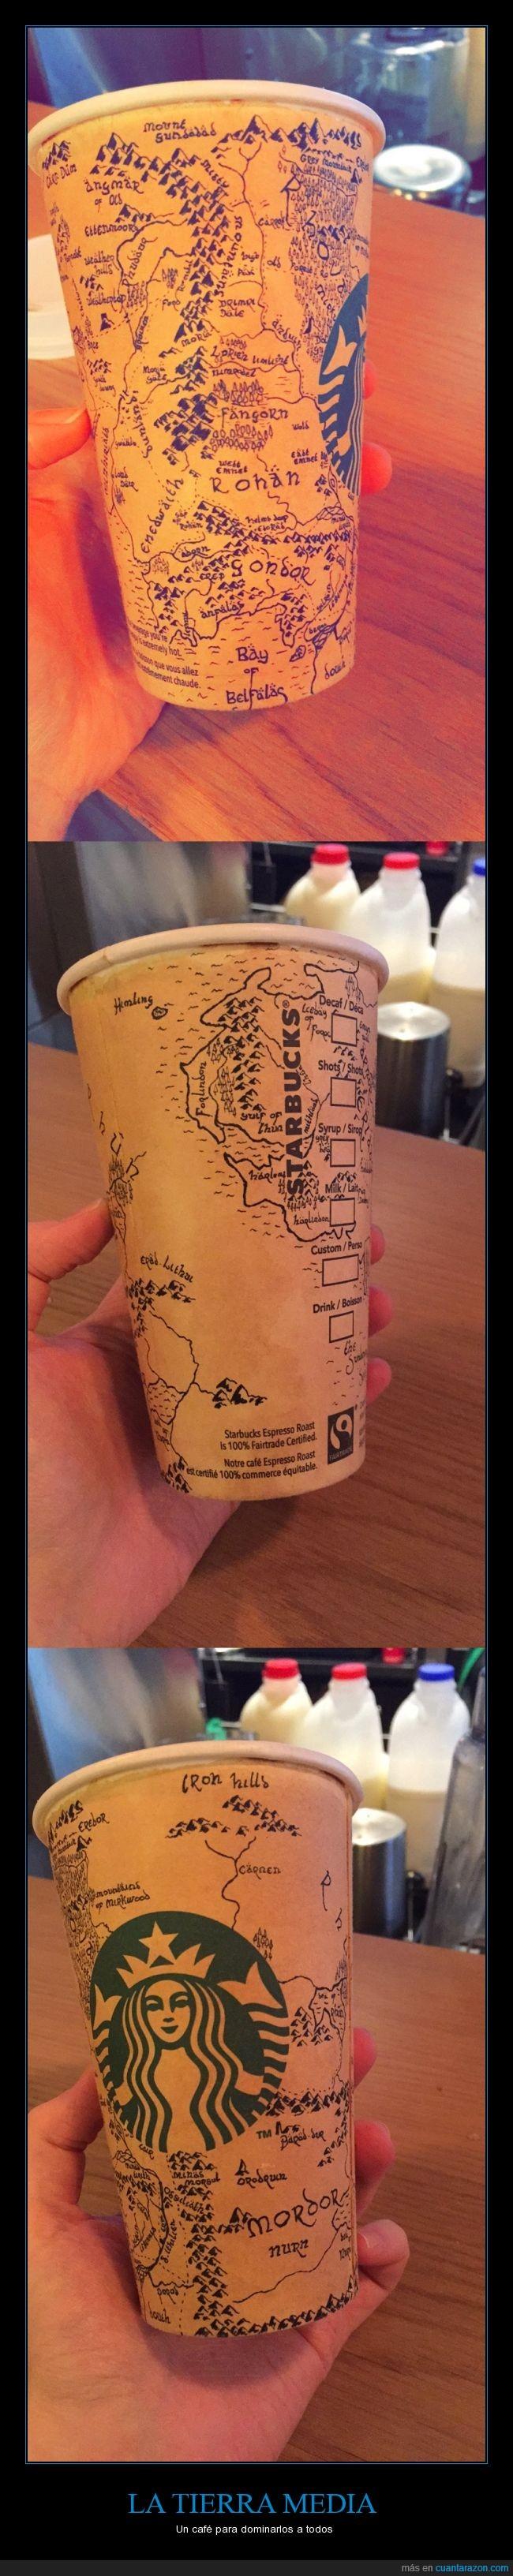 arte,café,detalle,dibujo,mapa,Starbucks,Tierra Media,vaso